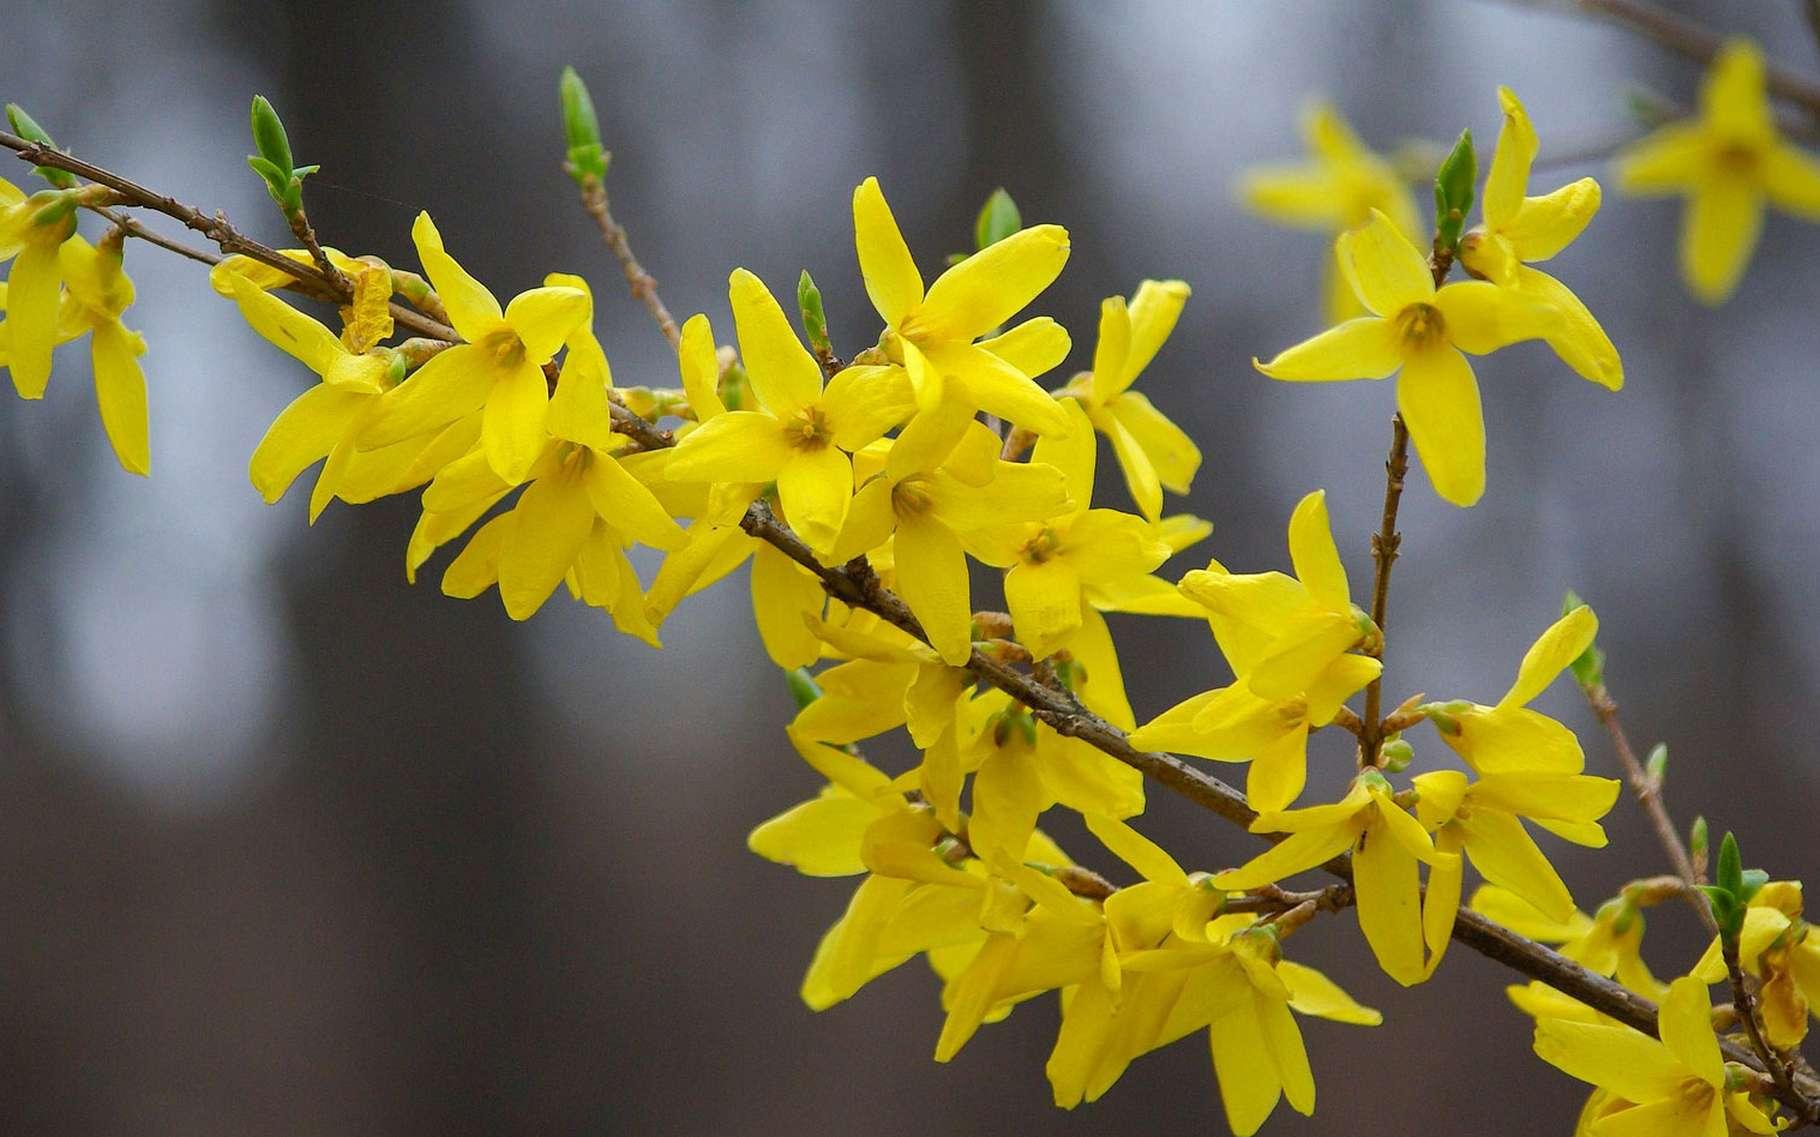 Le forsythia en fleur, c'est l'arrivée du printemps. © Kimdaejung, Pixabay, DP